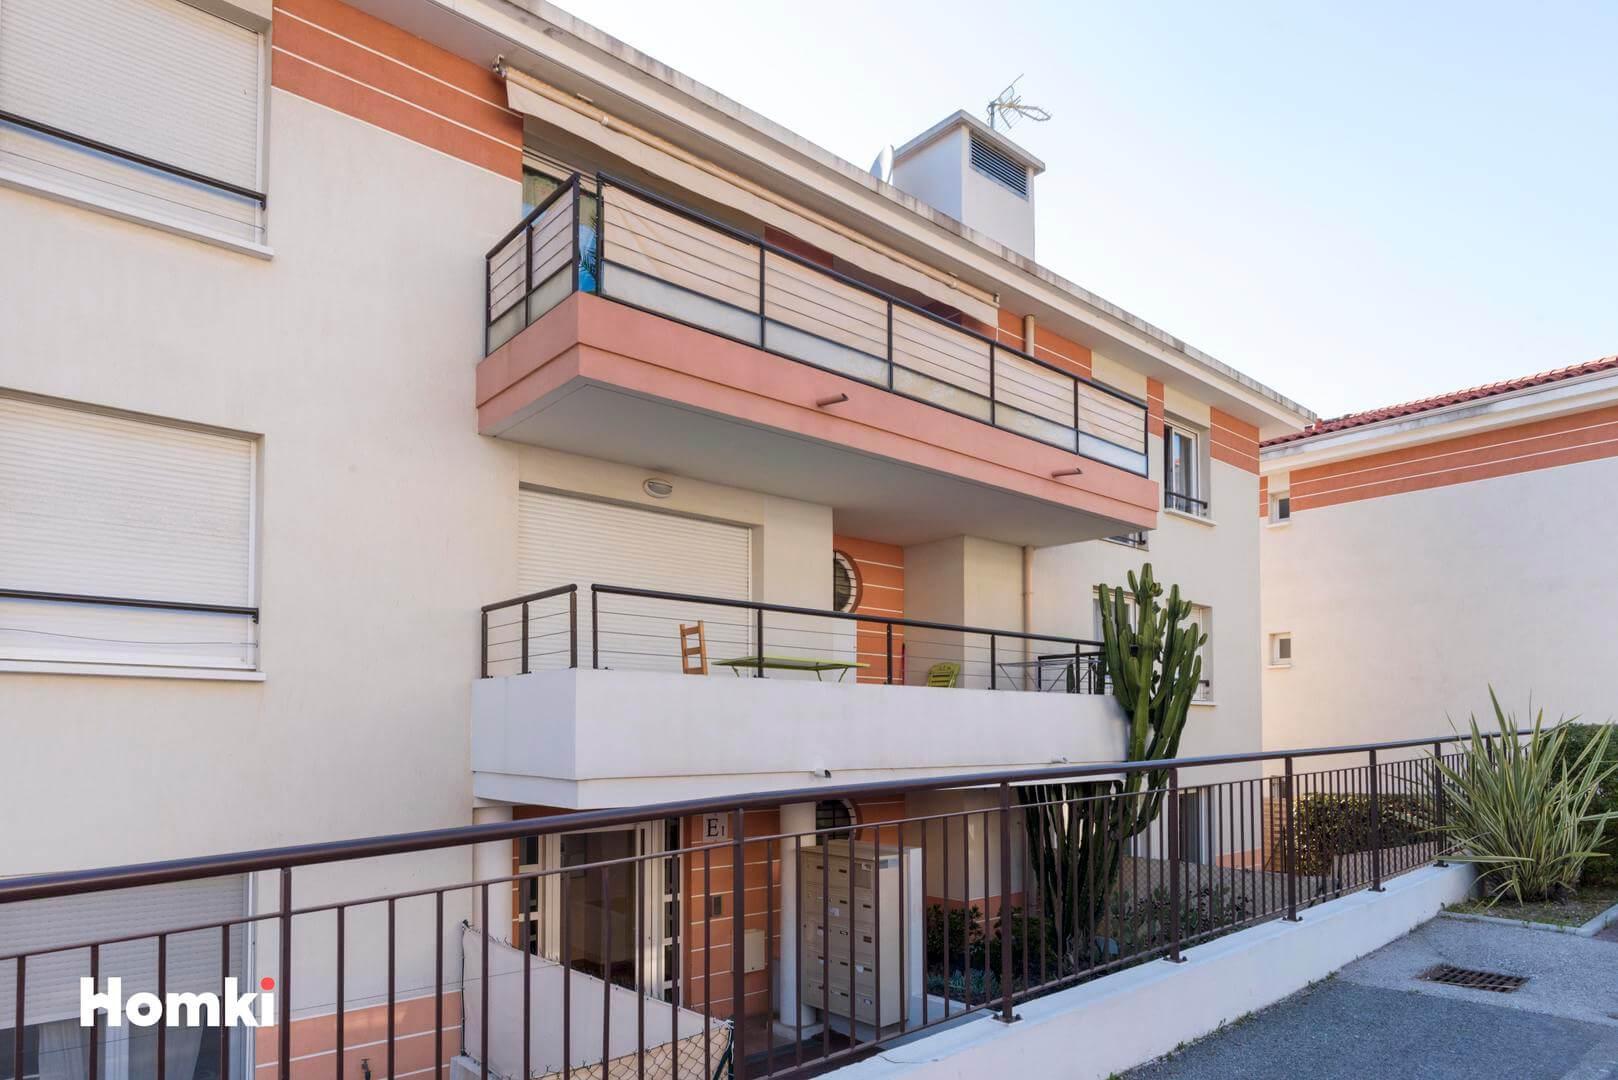 Homki - Vente Appartement  de 60.0 m² à Nice 06200